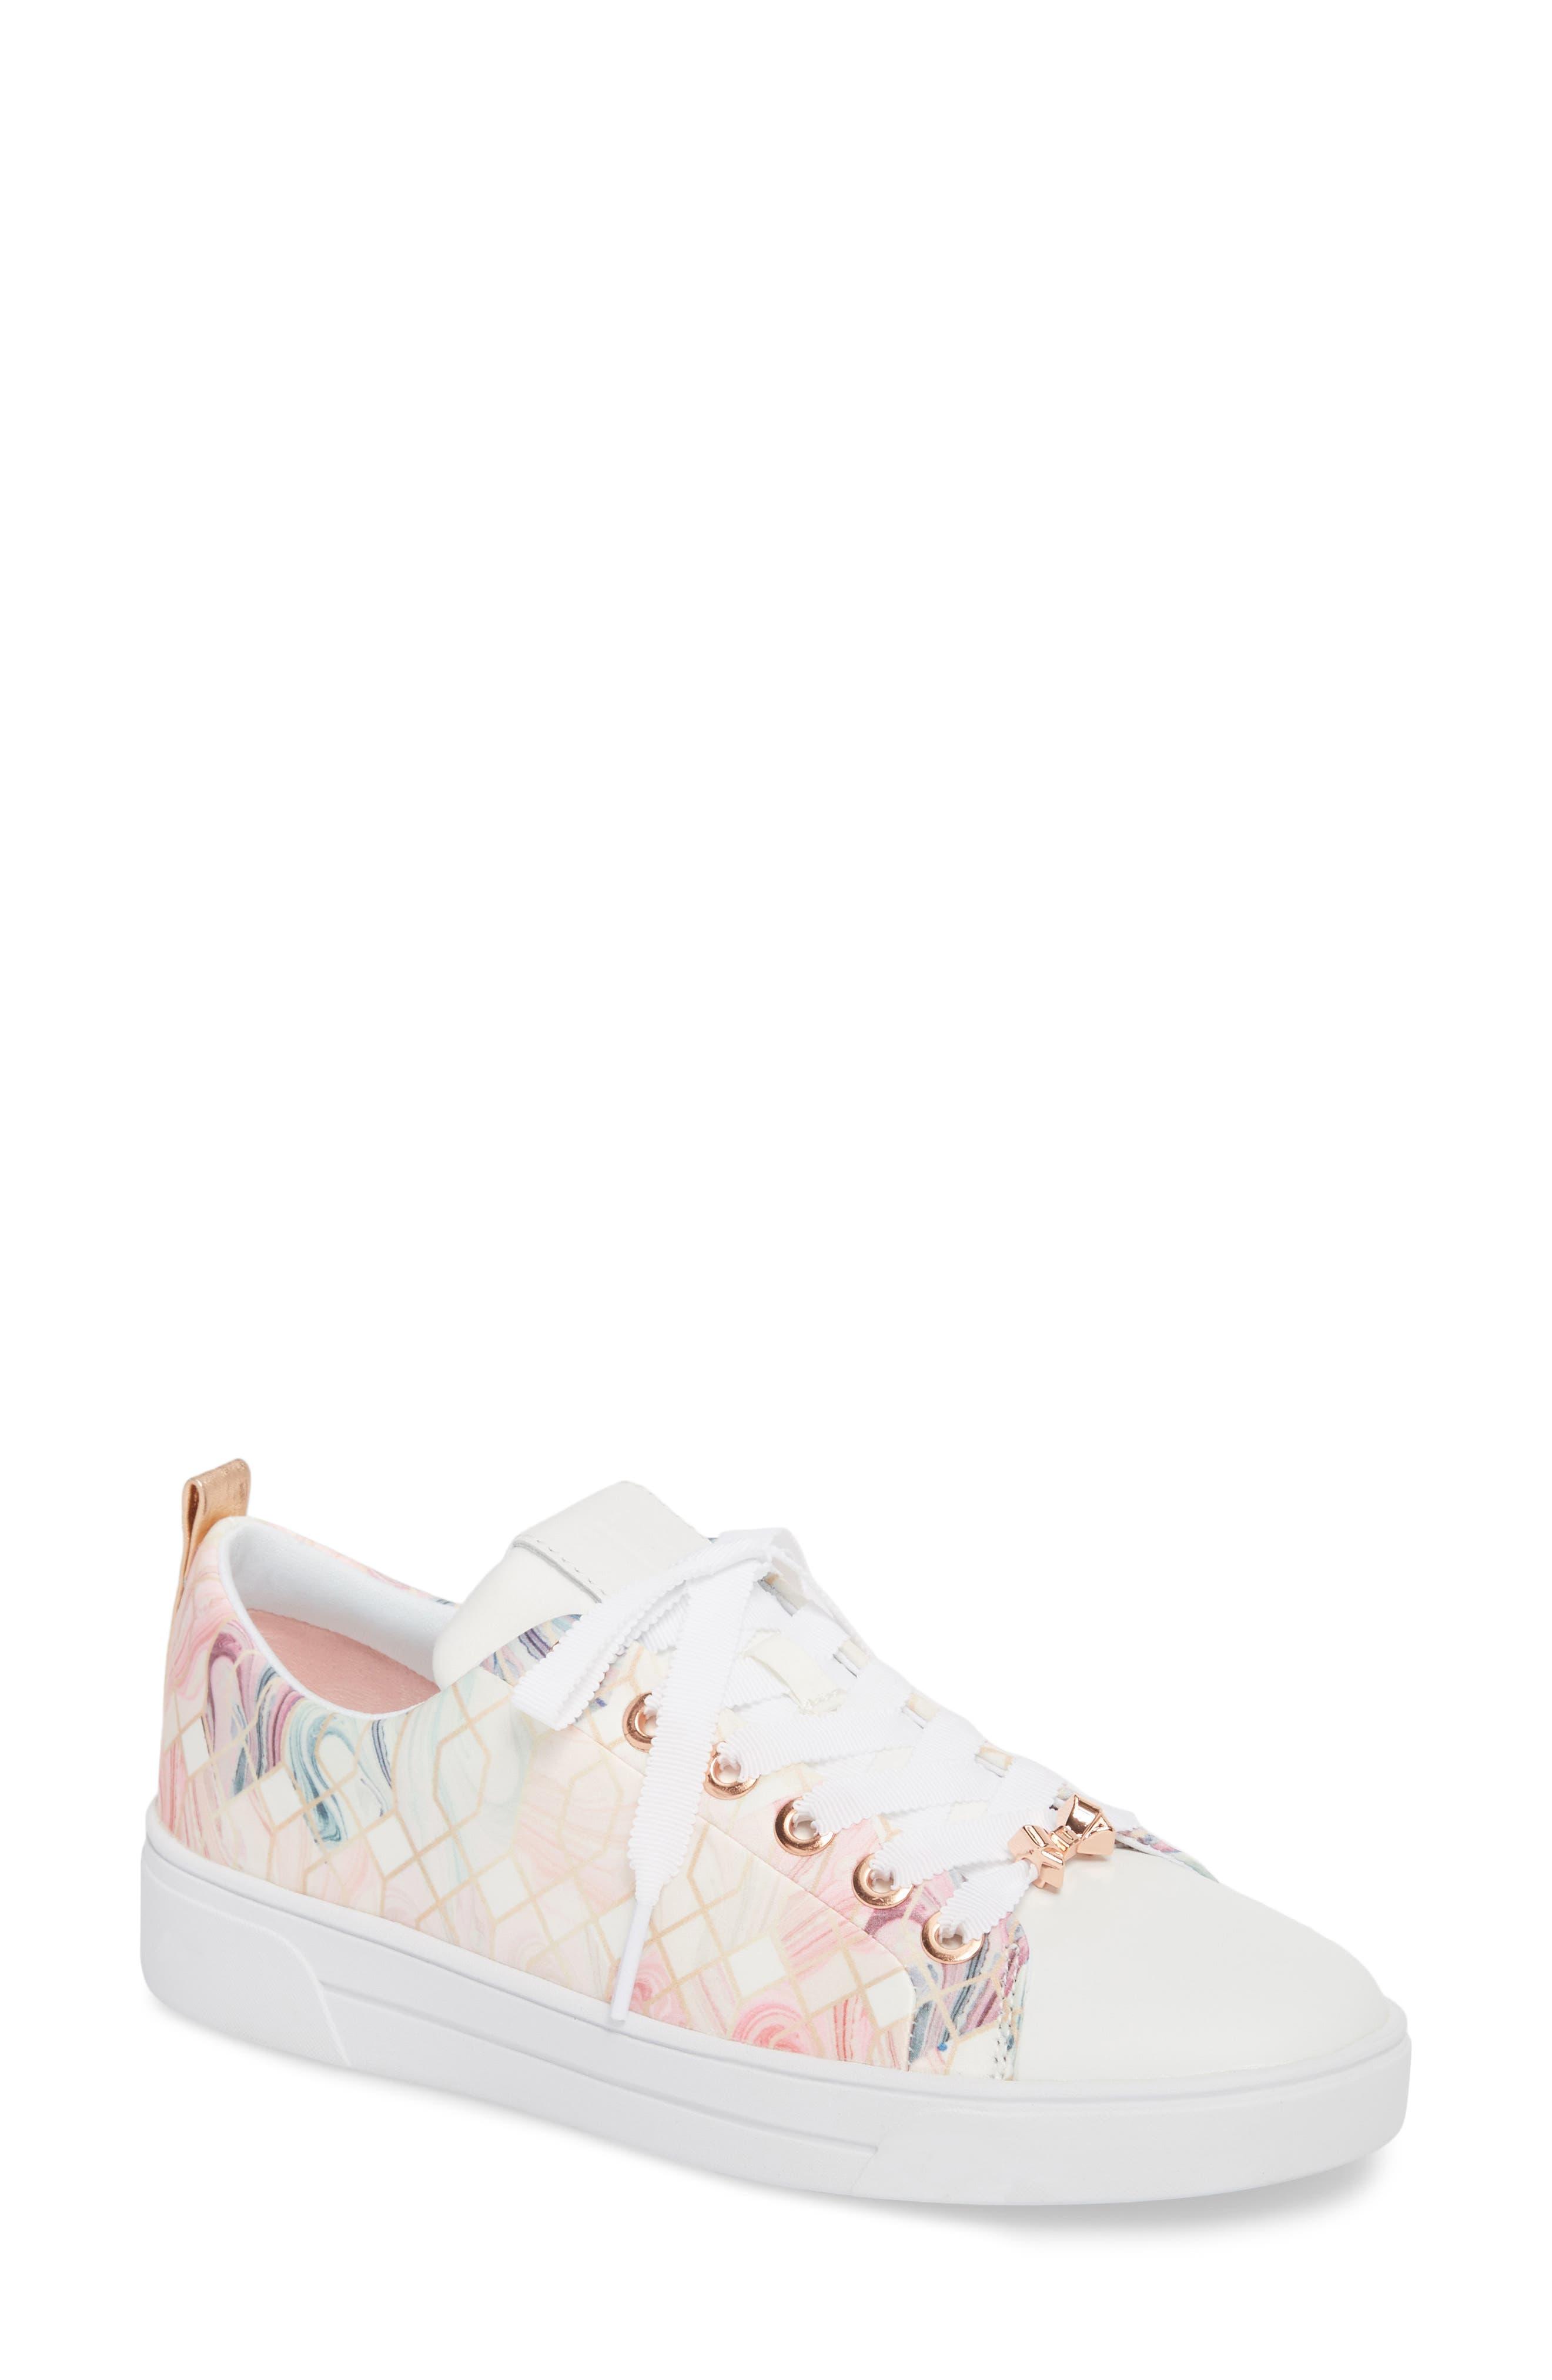 Ahfira Sneaker,                         Main,                         color, Sea Of Clouds Print Fabric